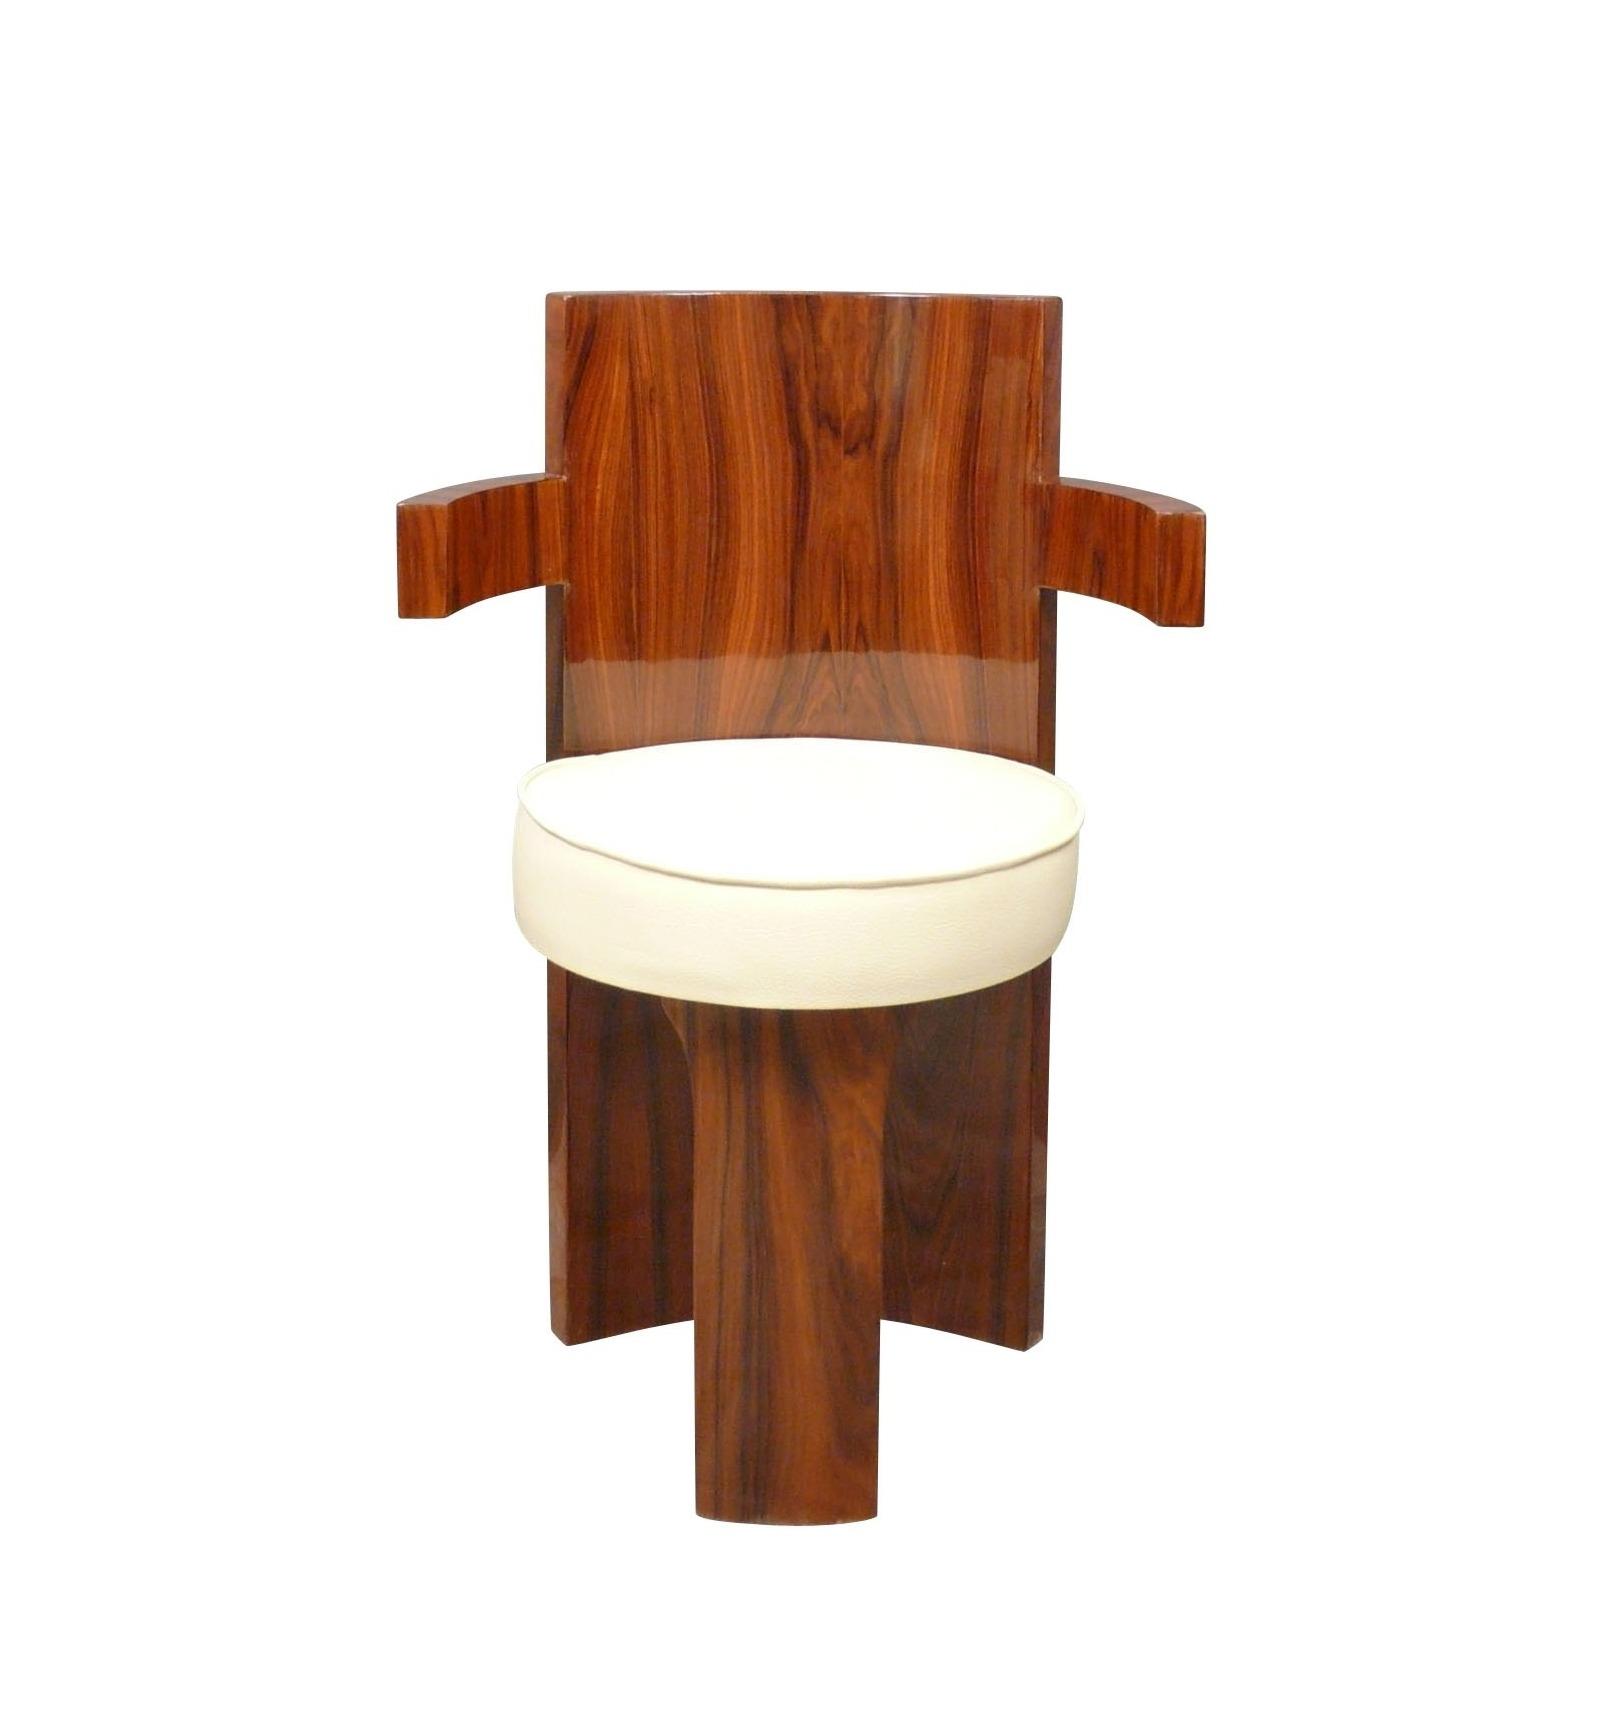 fauteuil art d co pour bureau meuble d 39 art et d coration. Black Bedroom Furniture Sets. Home Design Ideas